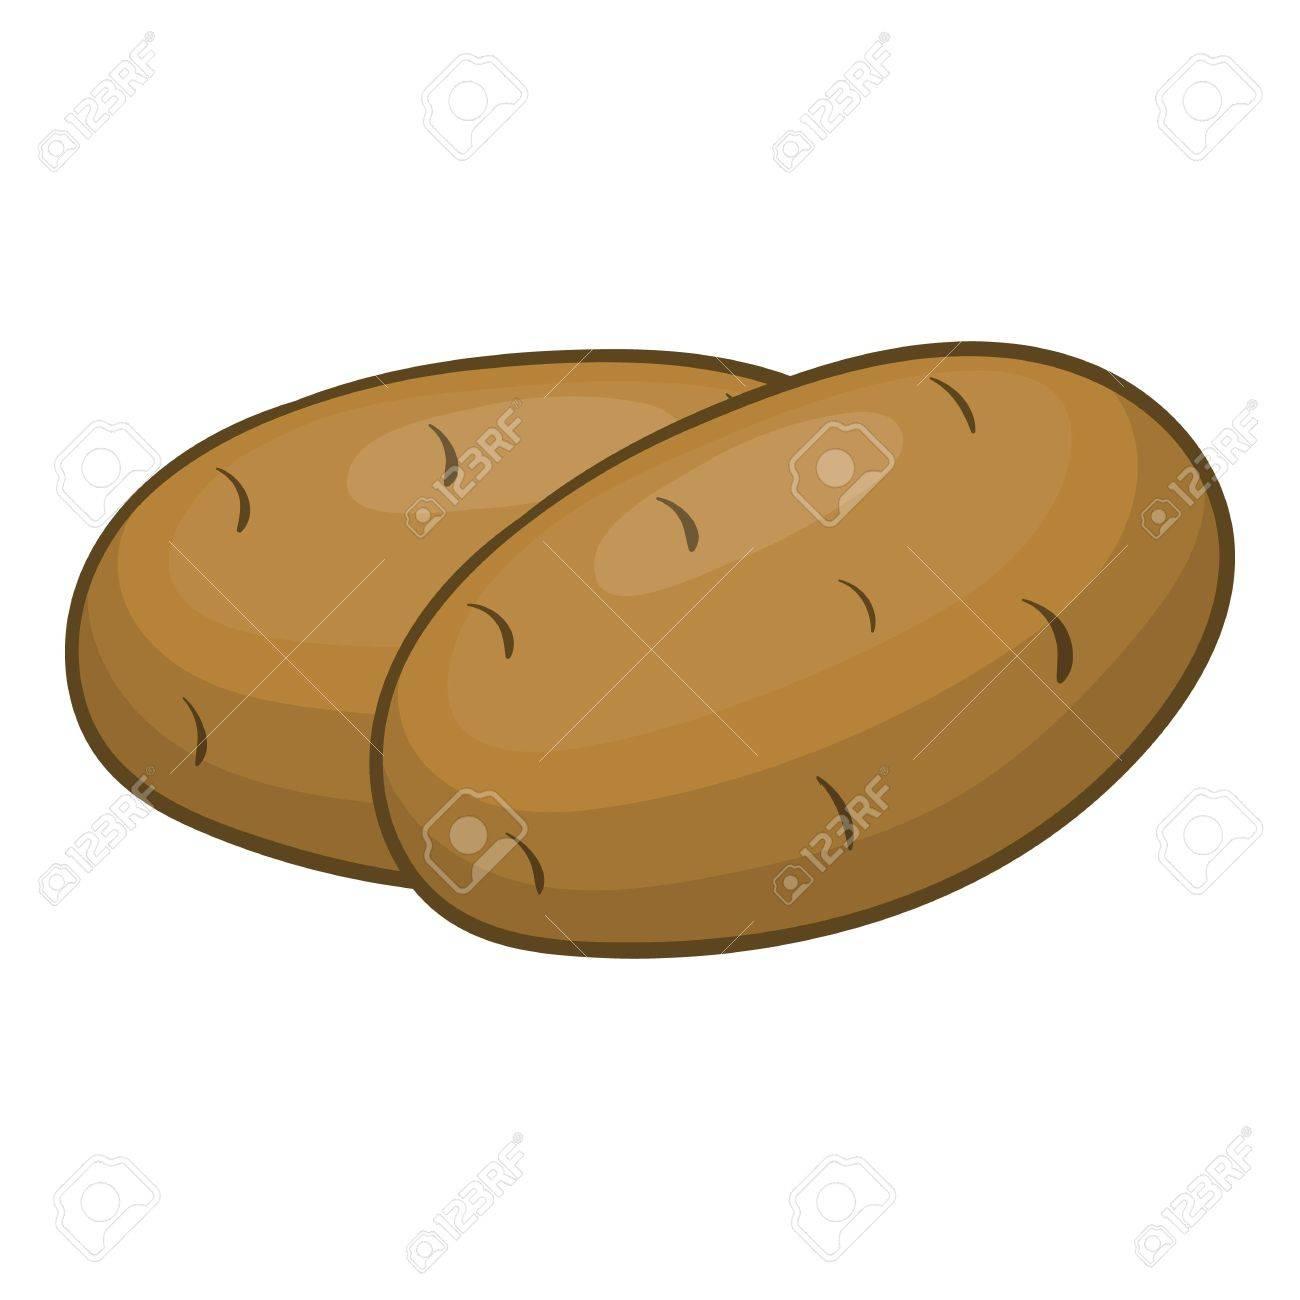 Patatas Icono Ilustración De Dibujos Animados De Patata Icono